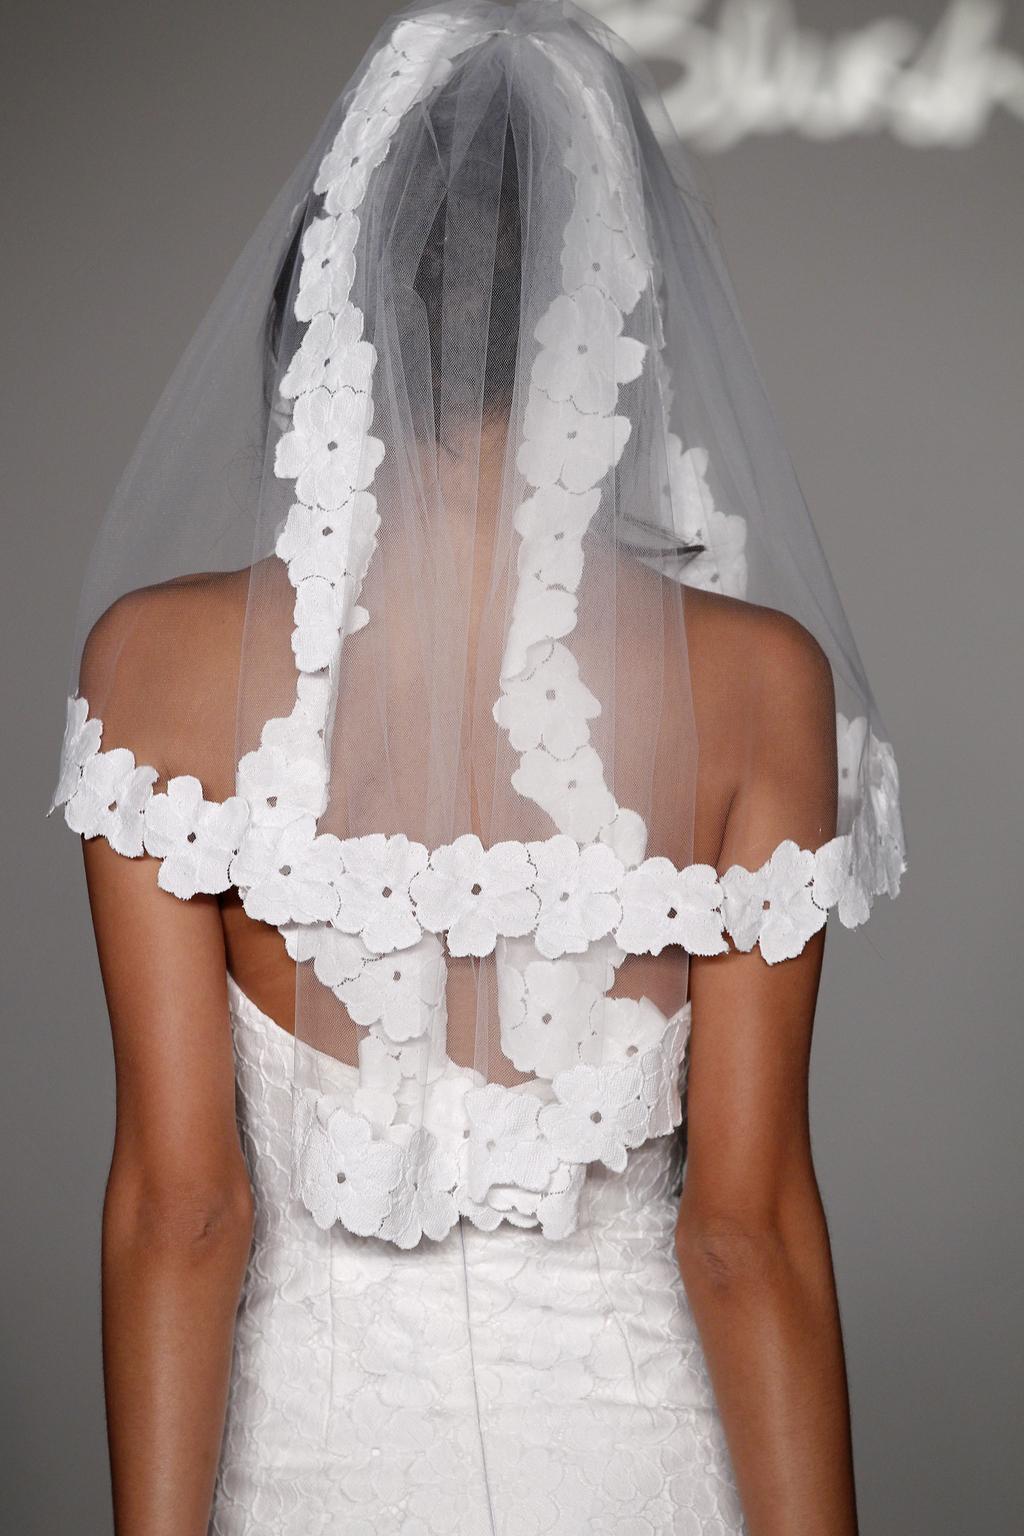 Jim-hjelm-blush-wedding-dress-spring-2012-bridal-gowns-1206-detail.full